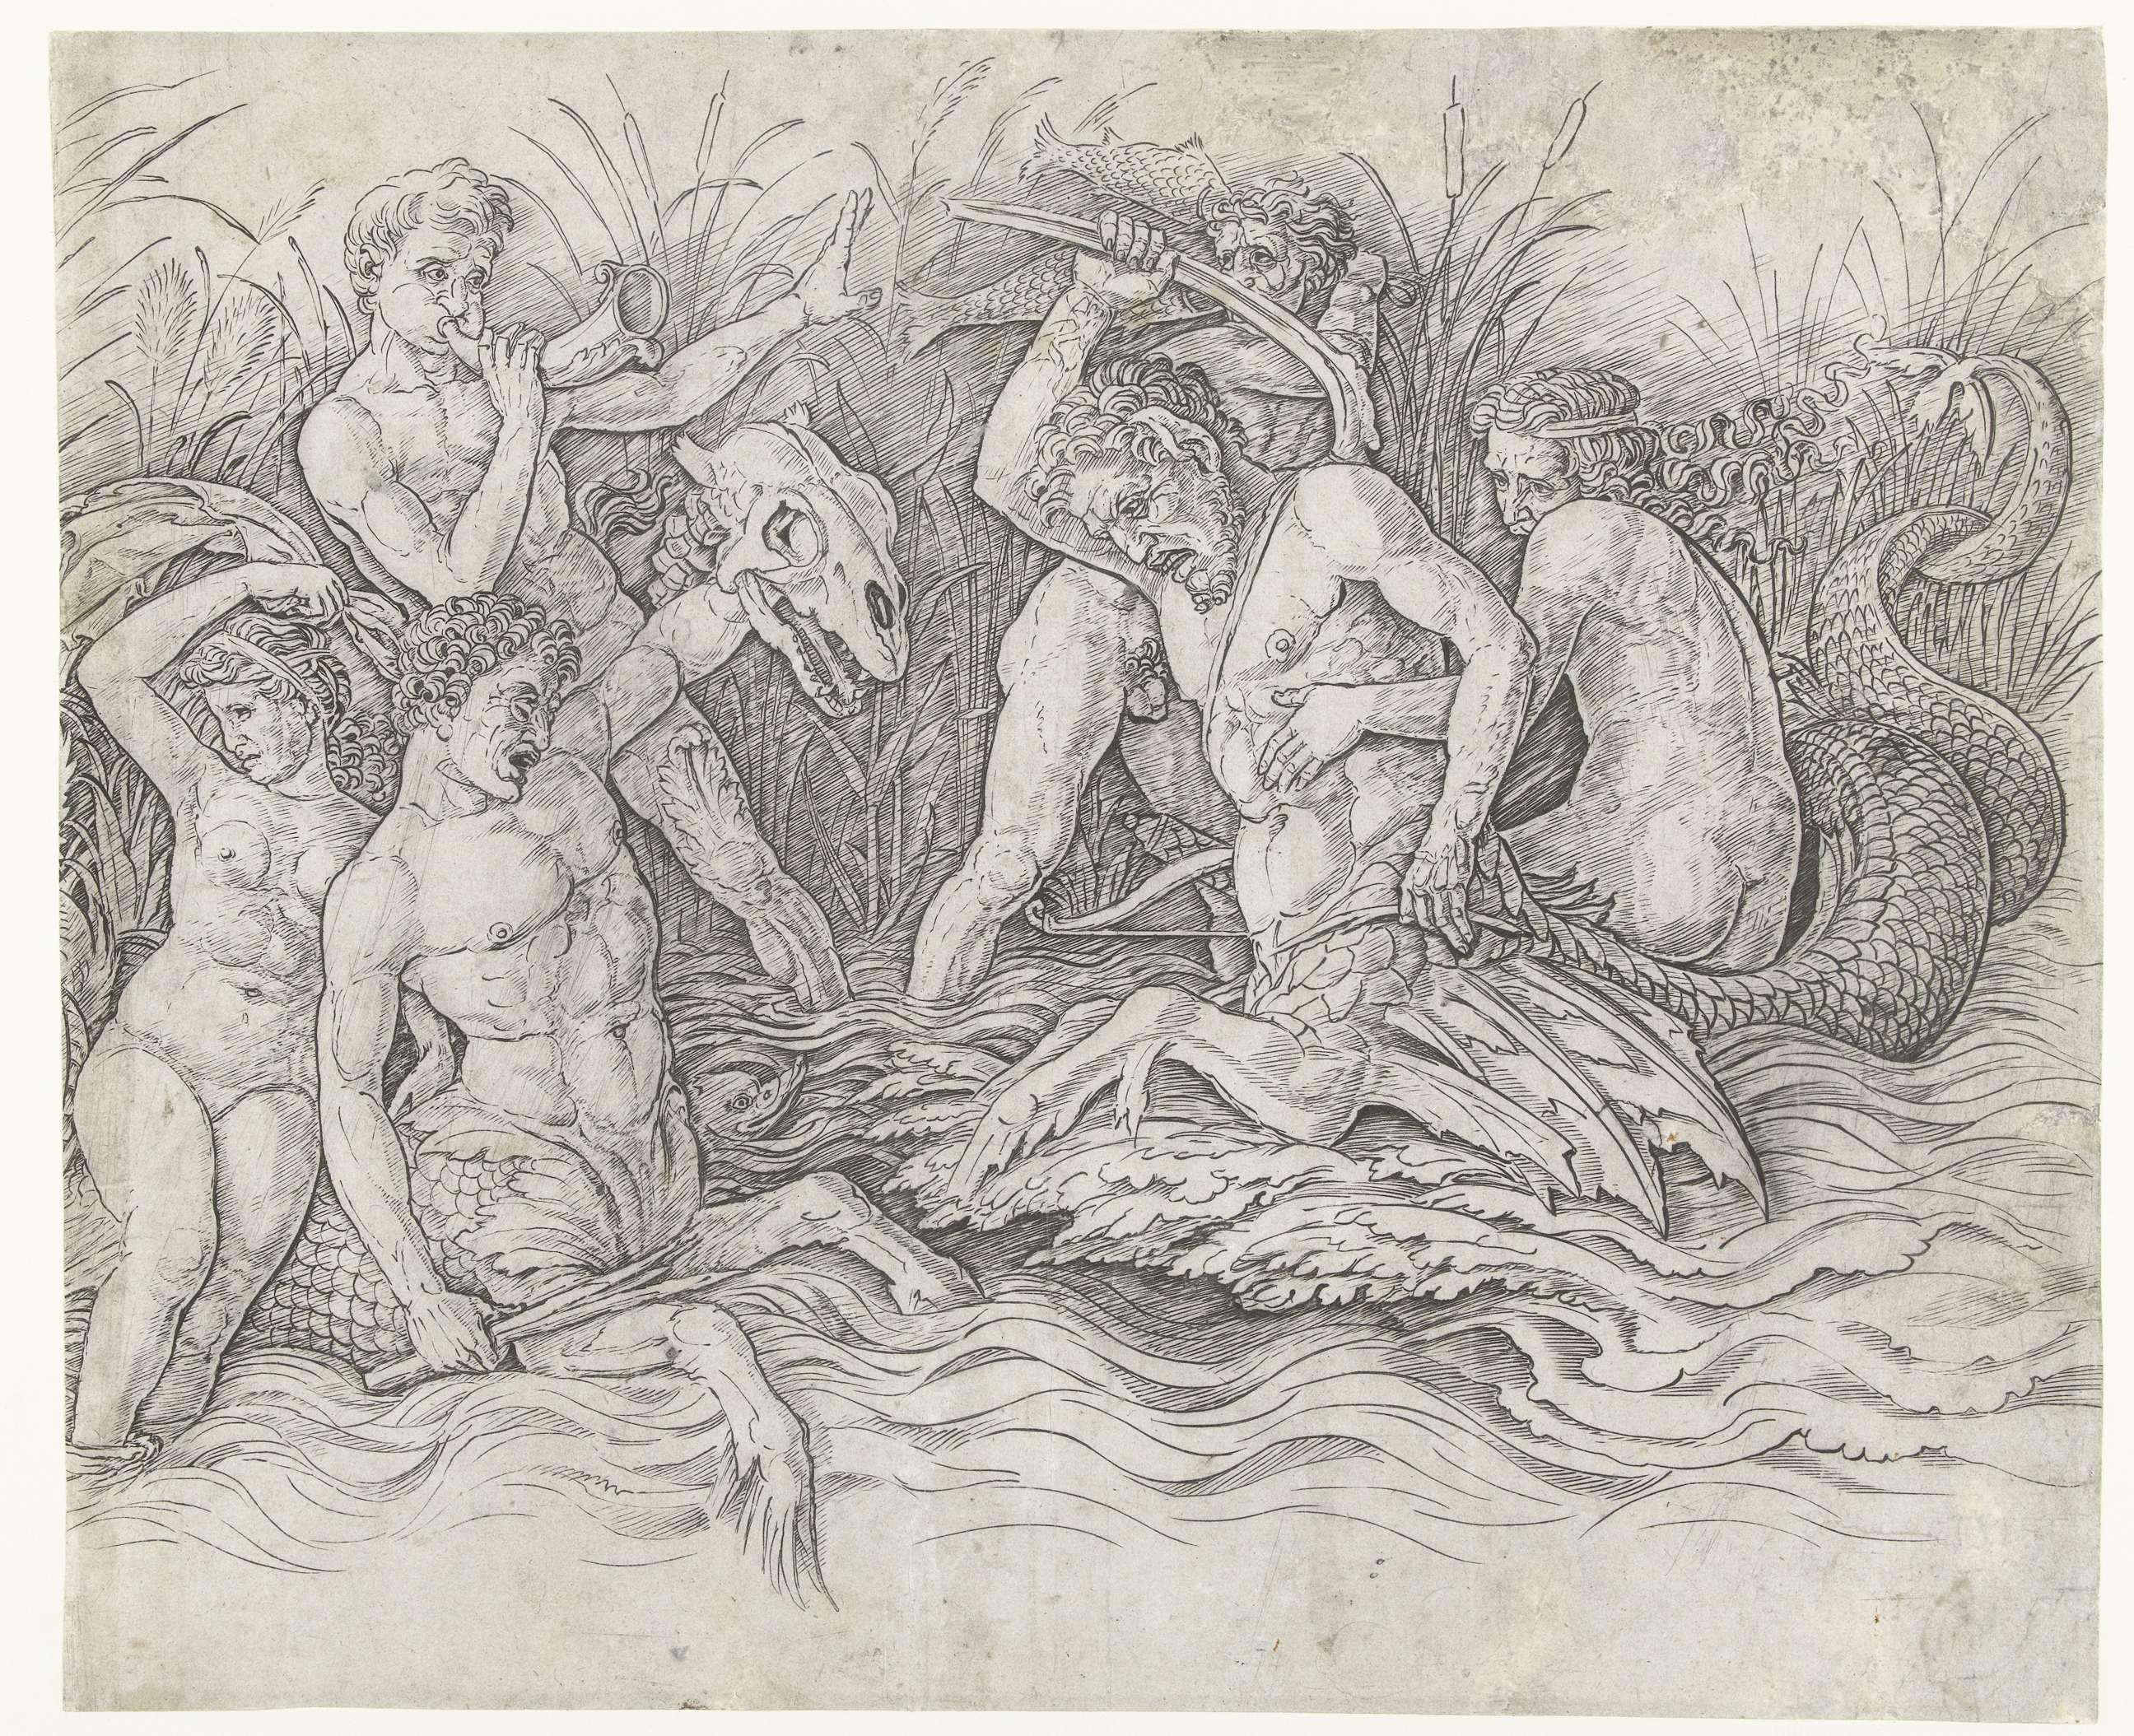 Andrea Mantegna | Gevecht tussen tritons met nereïden op hun rug, Andrea Mantegna, 1473 - 1477 |